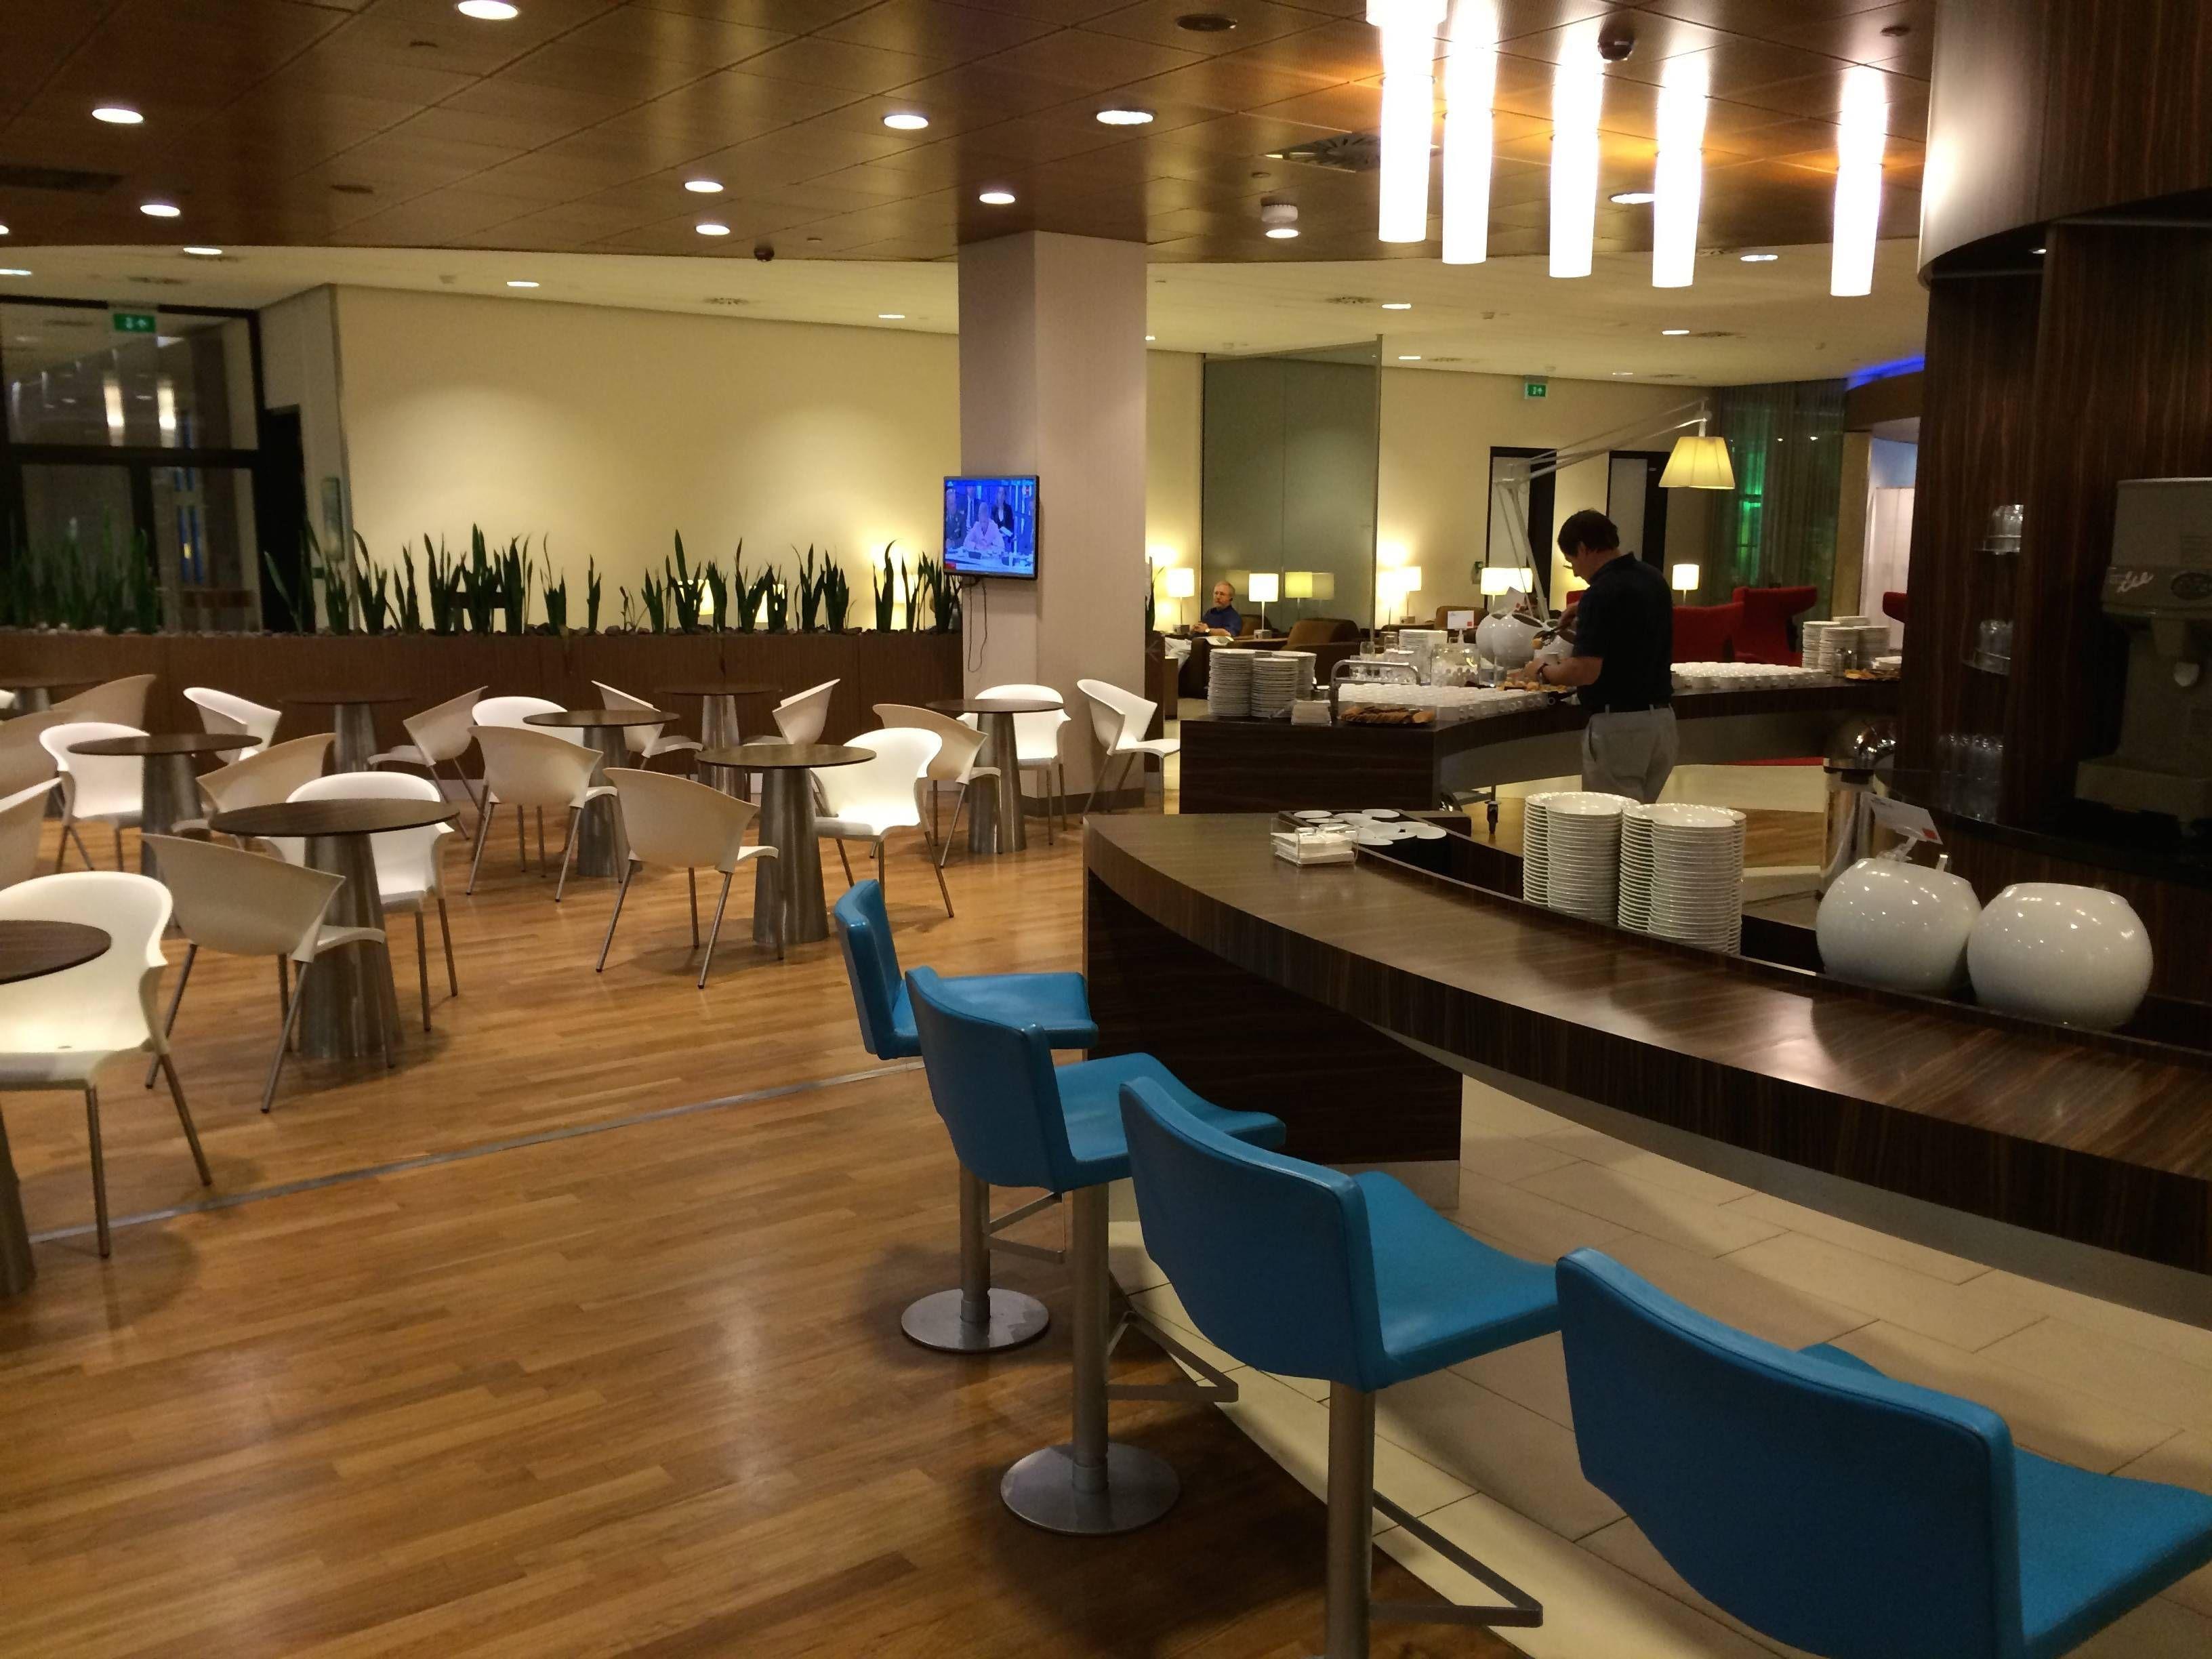 klm crown lounge sala vip amsterdam